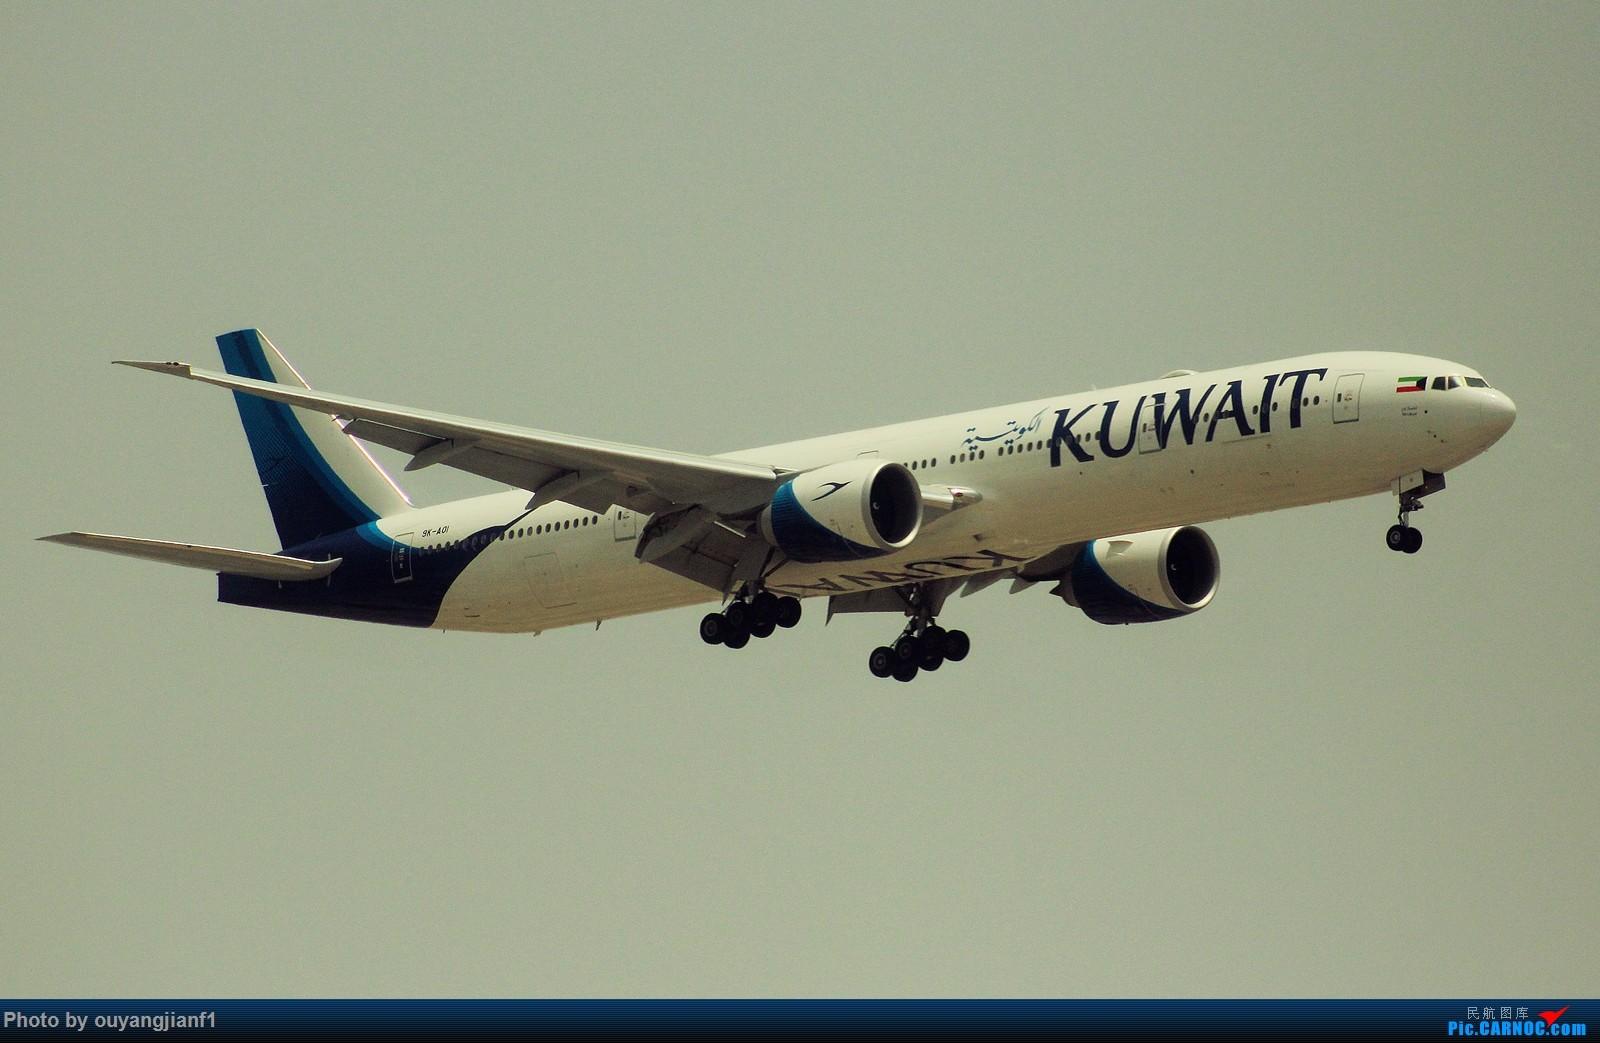 Re:[原创]很多年没有来贴图区了,记一次本不在计划中的迪拜拍机之行,在漫天黄沙中EK的380和777真的看到吐血.... BOEING 777-300ER 9K-AOI 阿拉伯联合酋长国迪拜国际机场